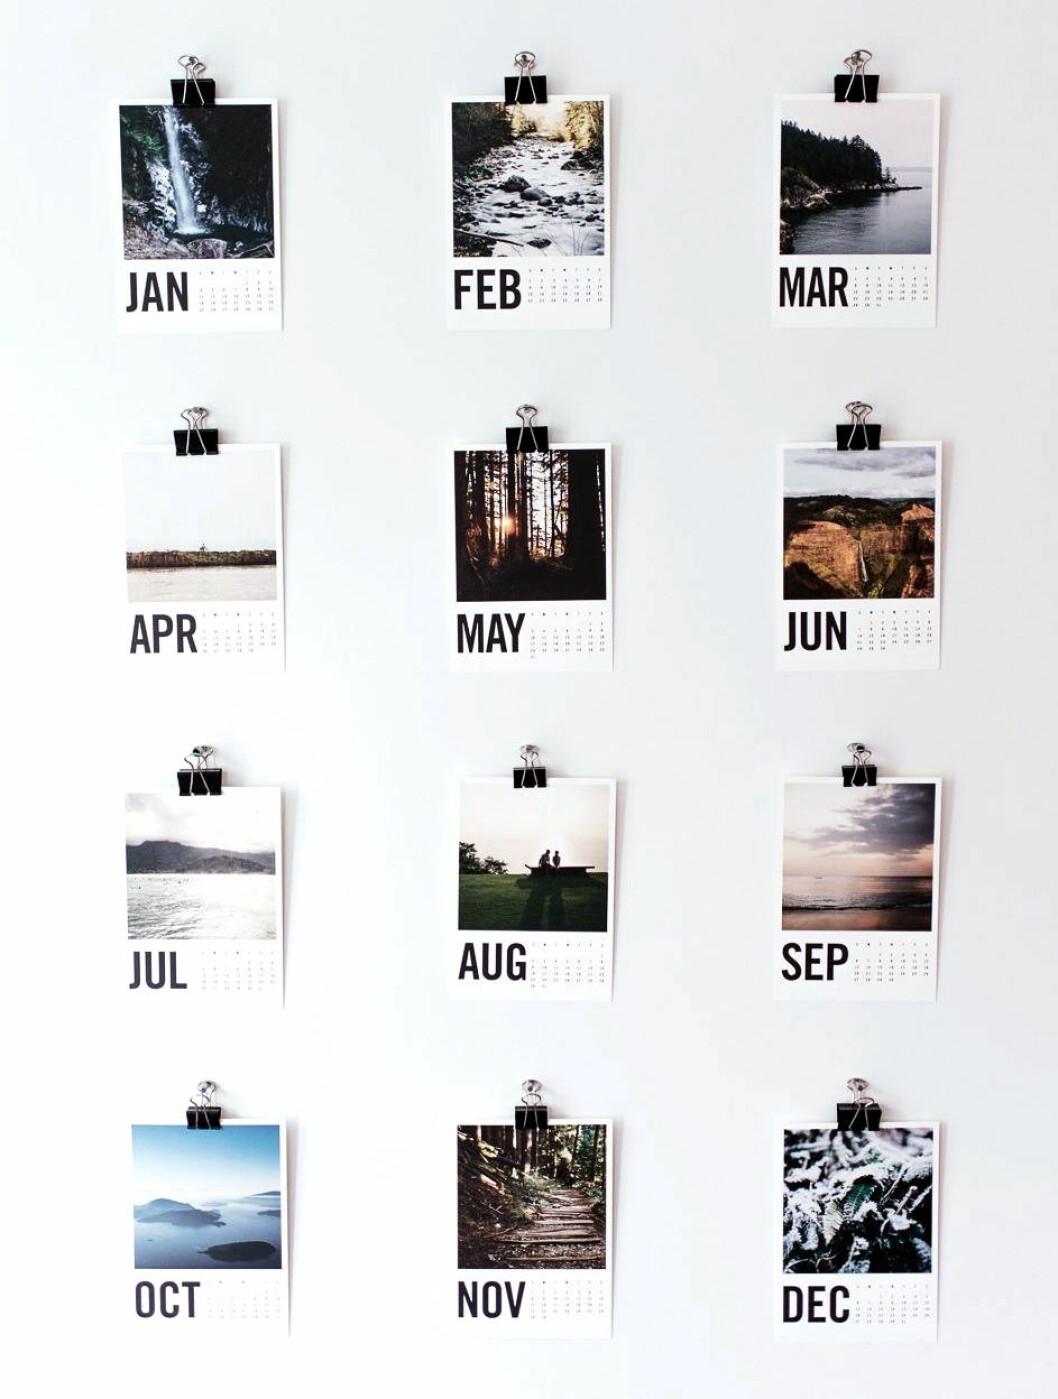 Fotografier pryder varje månad och hängs upp med klämmor på väggen